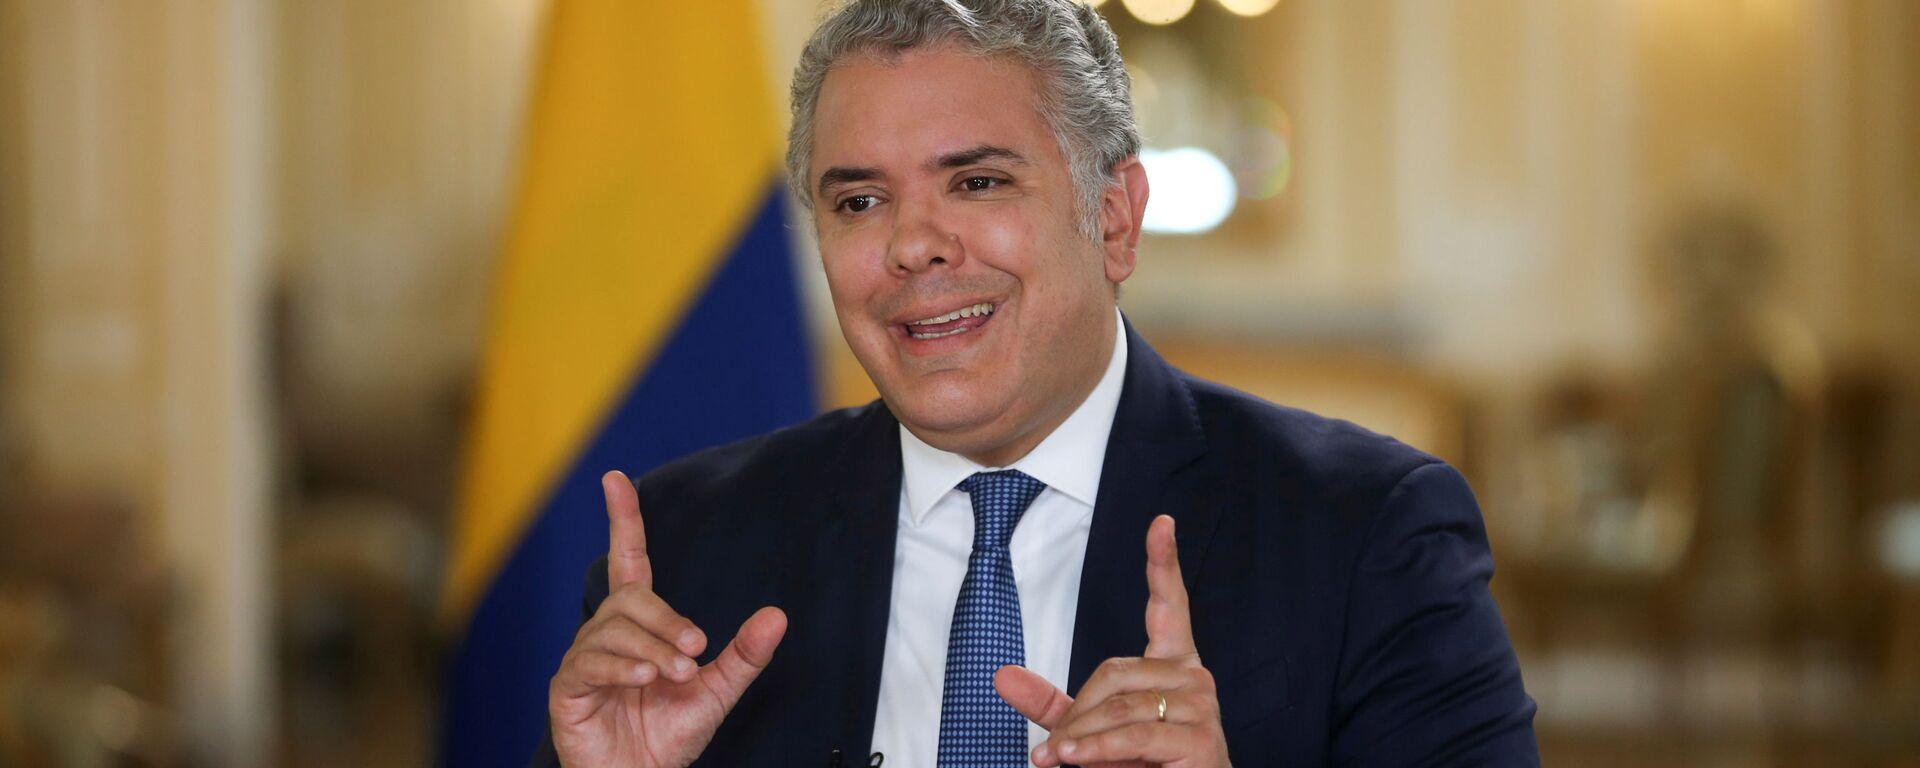 Iván Duque, presidente de Colombia - Sputnik Mundo, 1920, 10.07.2021